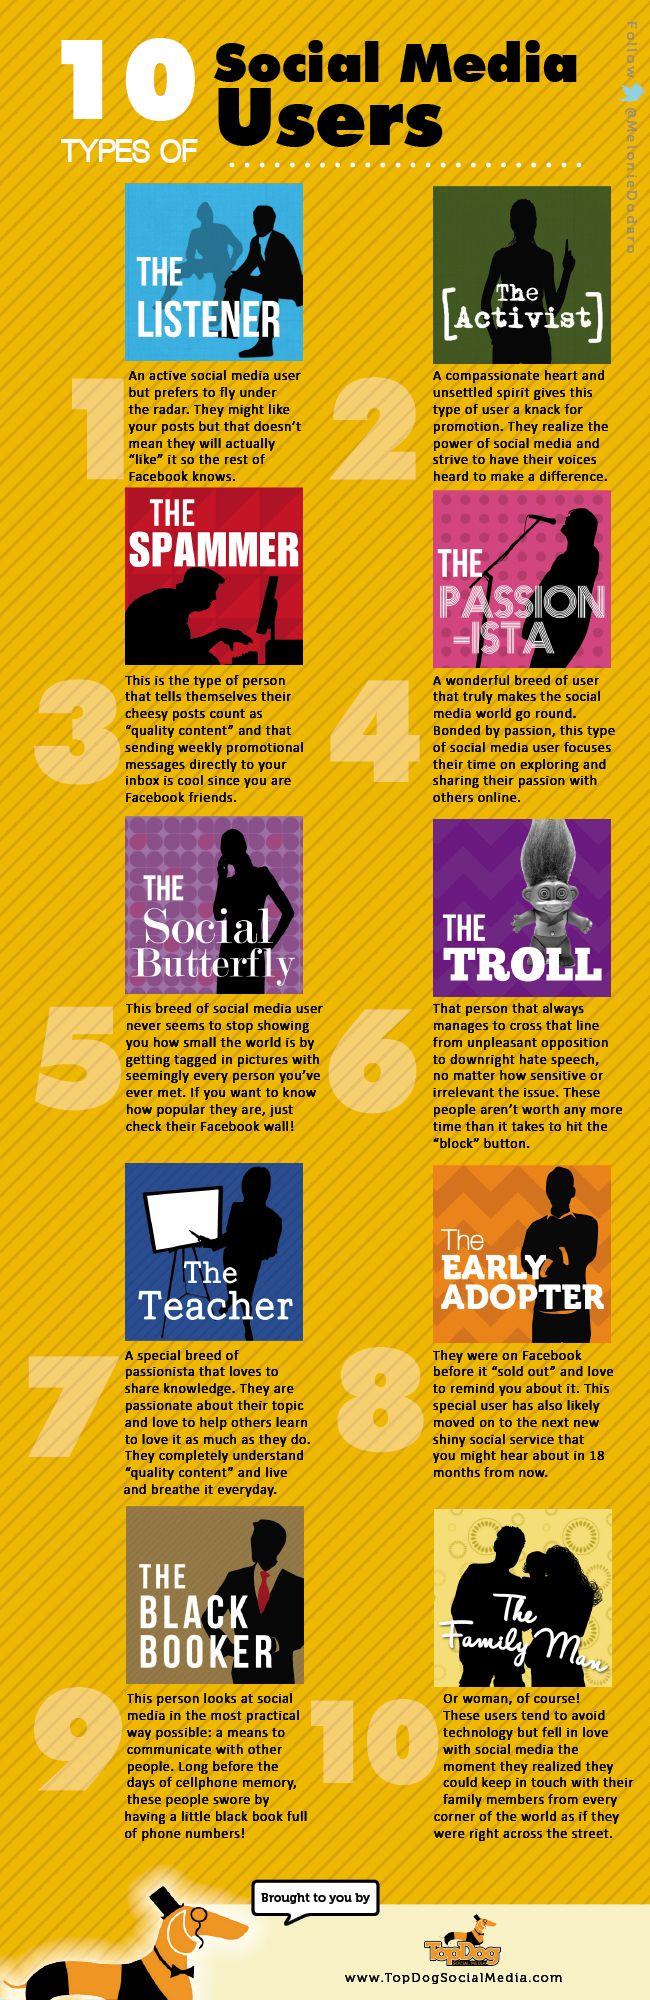 10 tipos de usuarios en Social Media #infografia #infographic#socialmedia | TICs y Formación en WordPress.com.